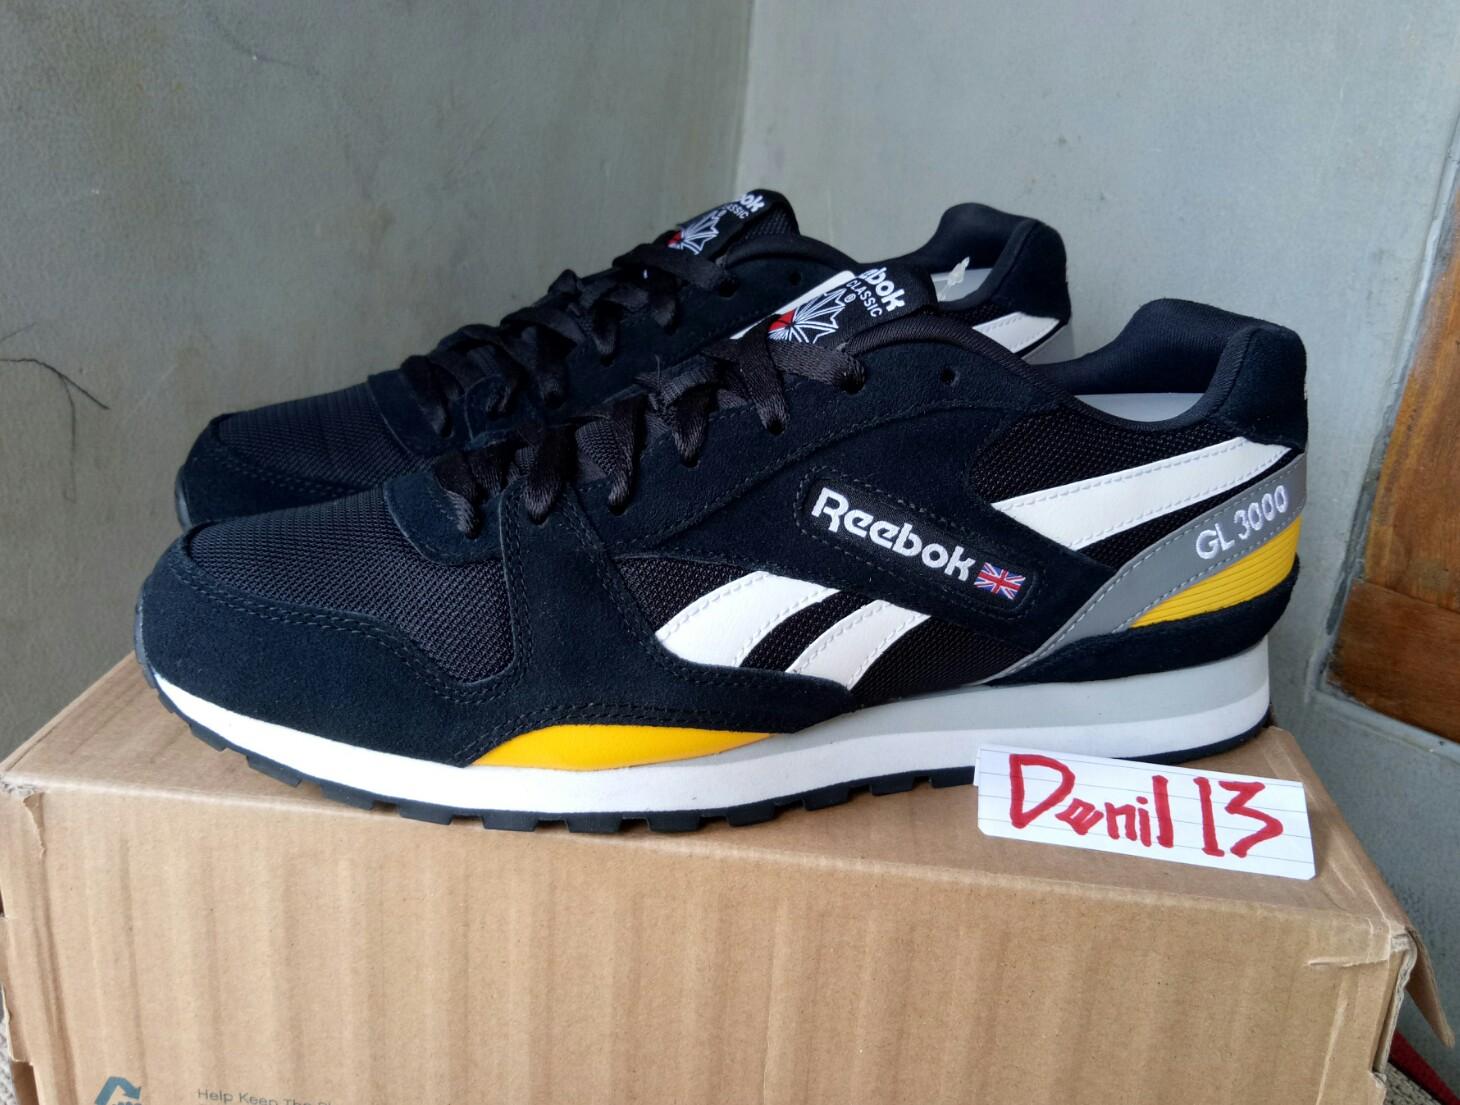 Jual ORIGINAL Sepatu Reebok Classic GL3000   GL 3000 - Denil13 Shop  Original  f5a8927f75